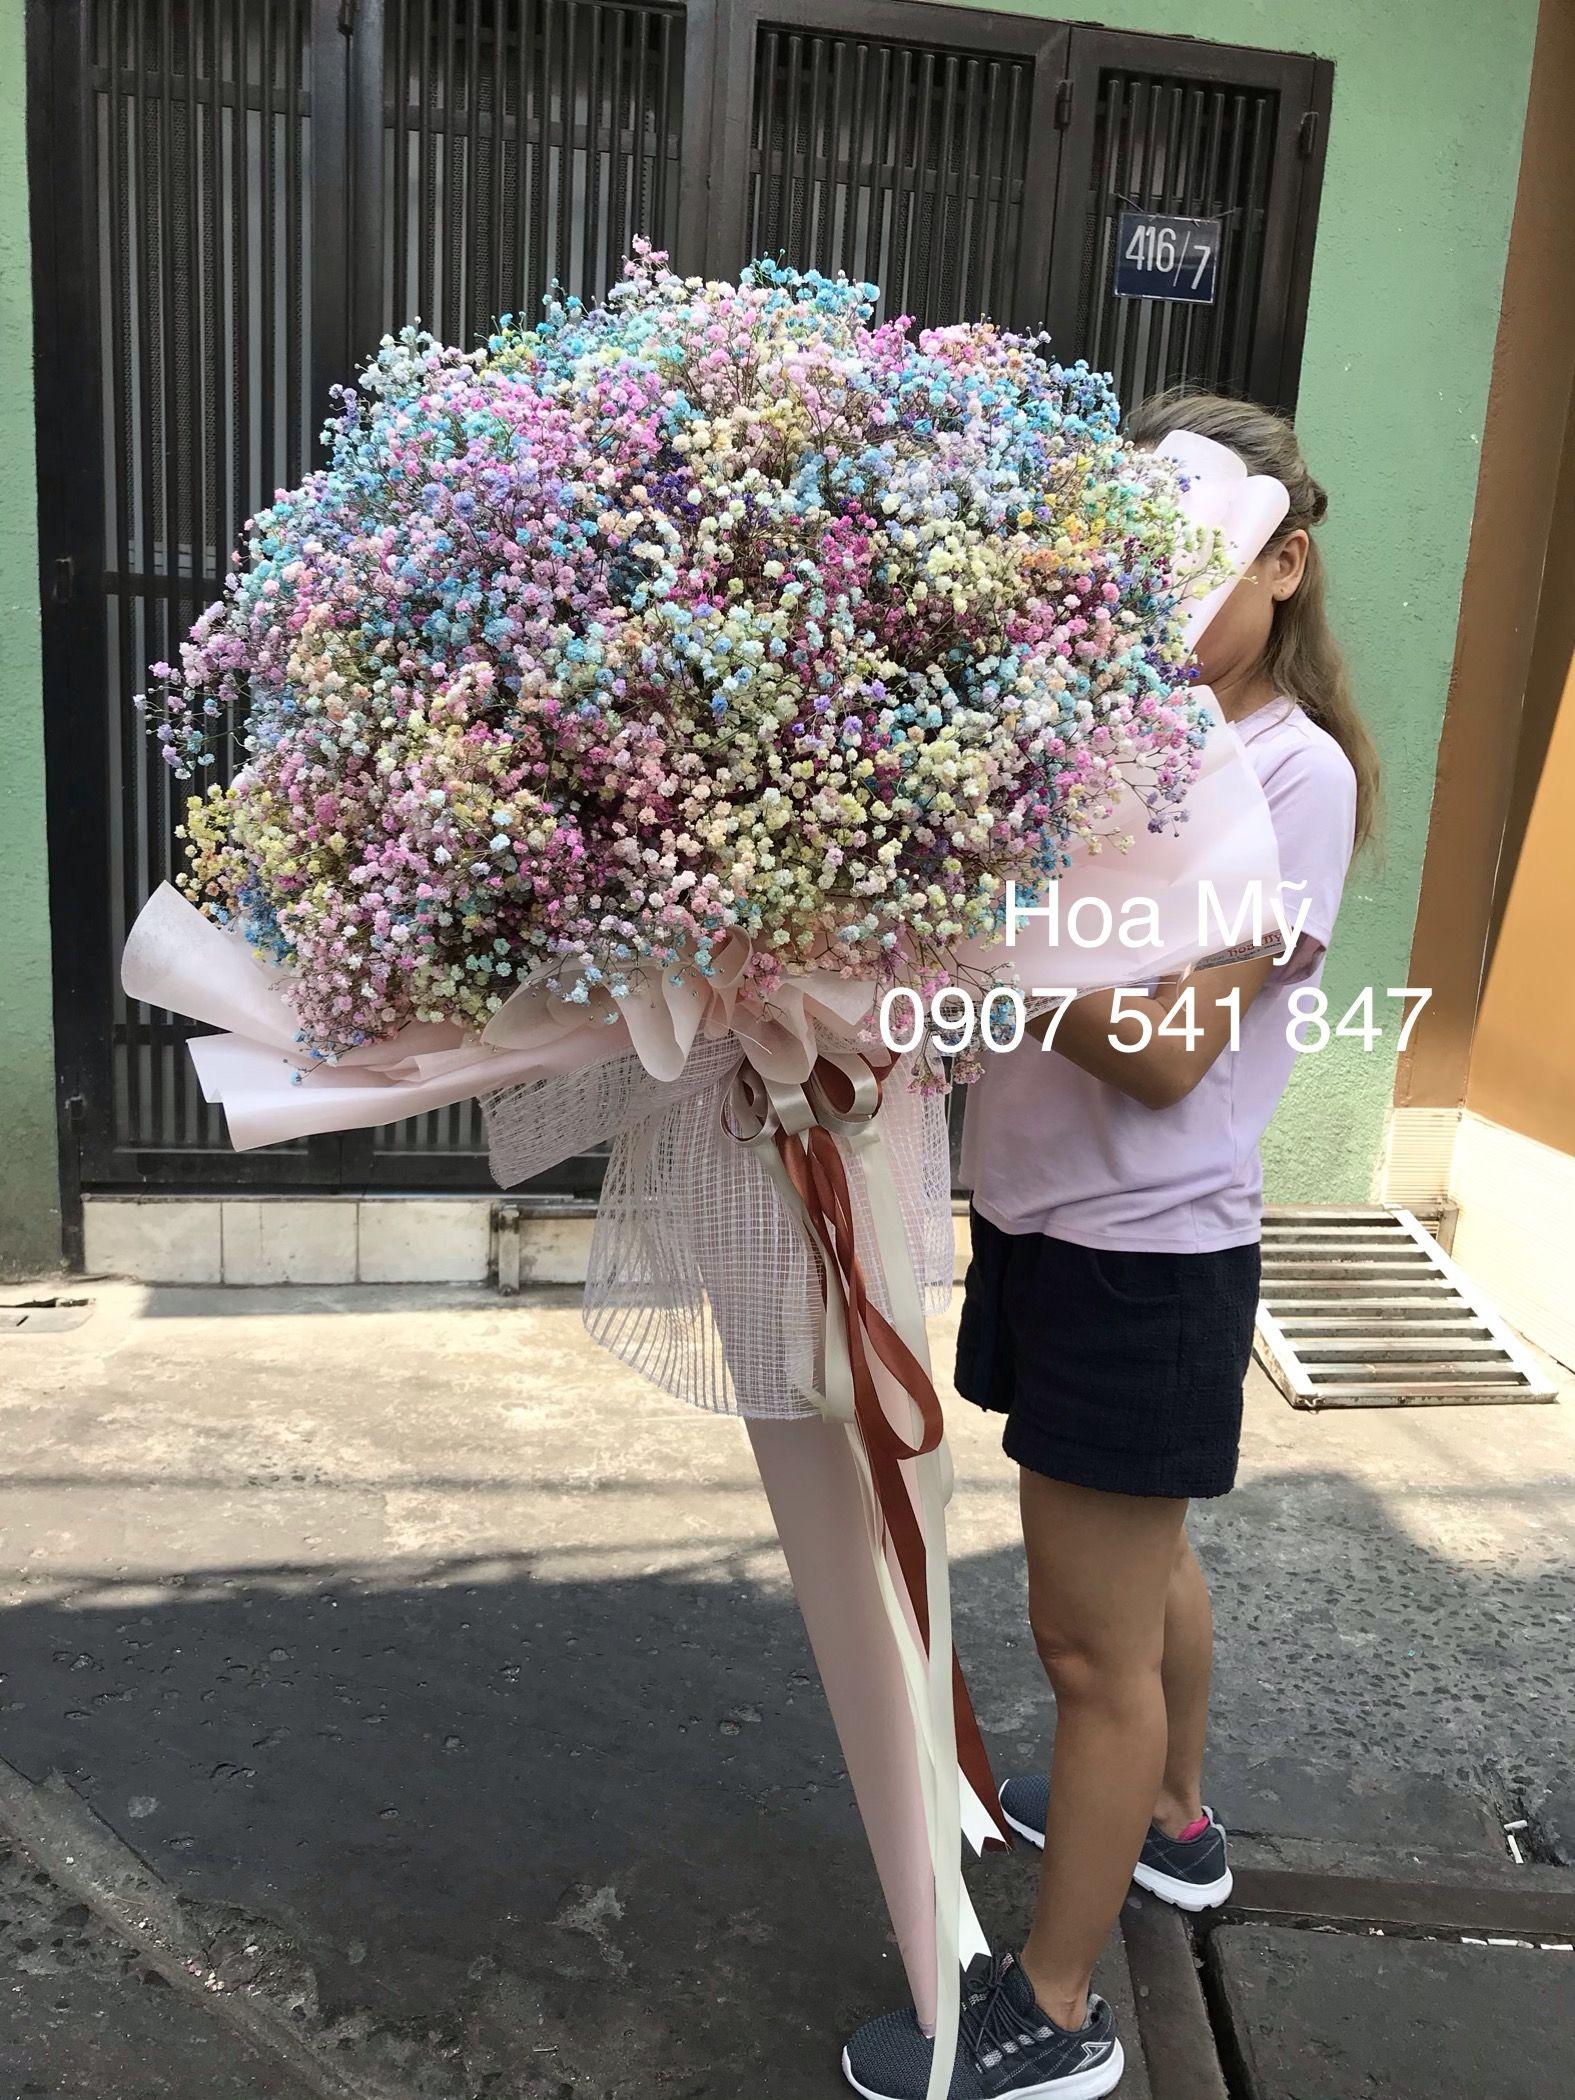 Bó hoa baby bảy màu siêu to khổng lồ giá chỉ 2 triêu trong ...